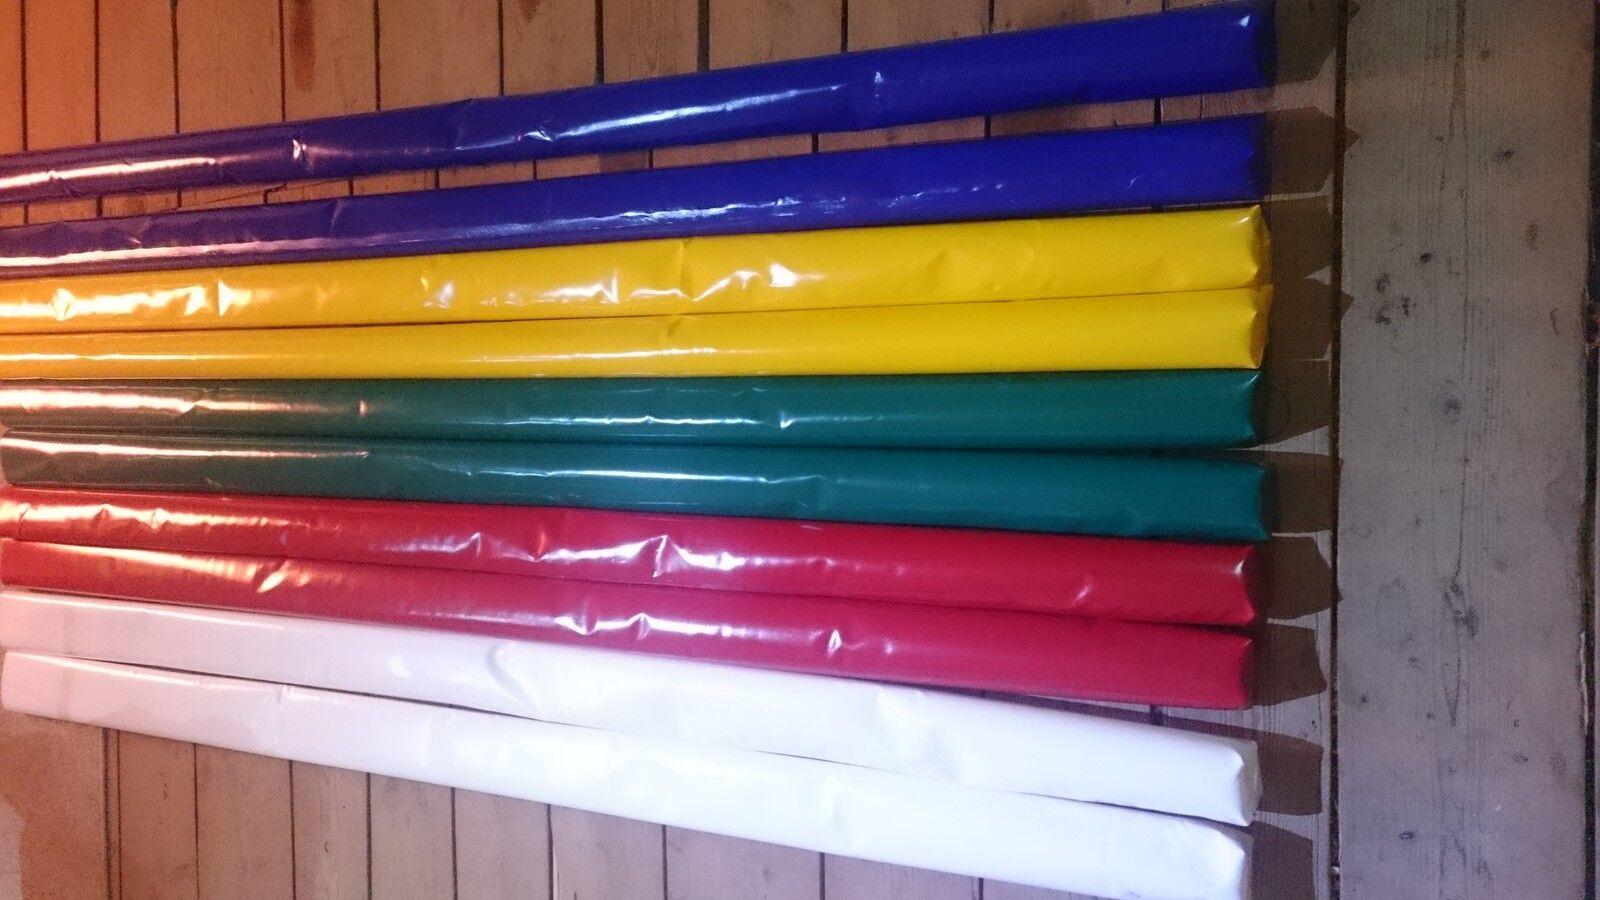 8 Bodenarbeit Stangen 4x Blau 4x Gelb Trabstangen 3,2m Trabstangen Gelb für equikinetic 8e5d1a